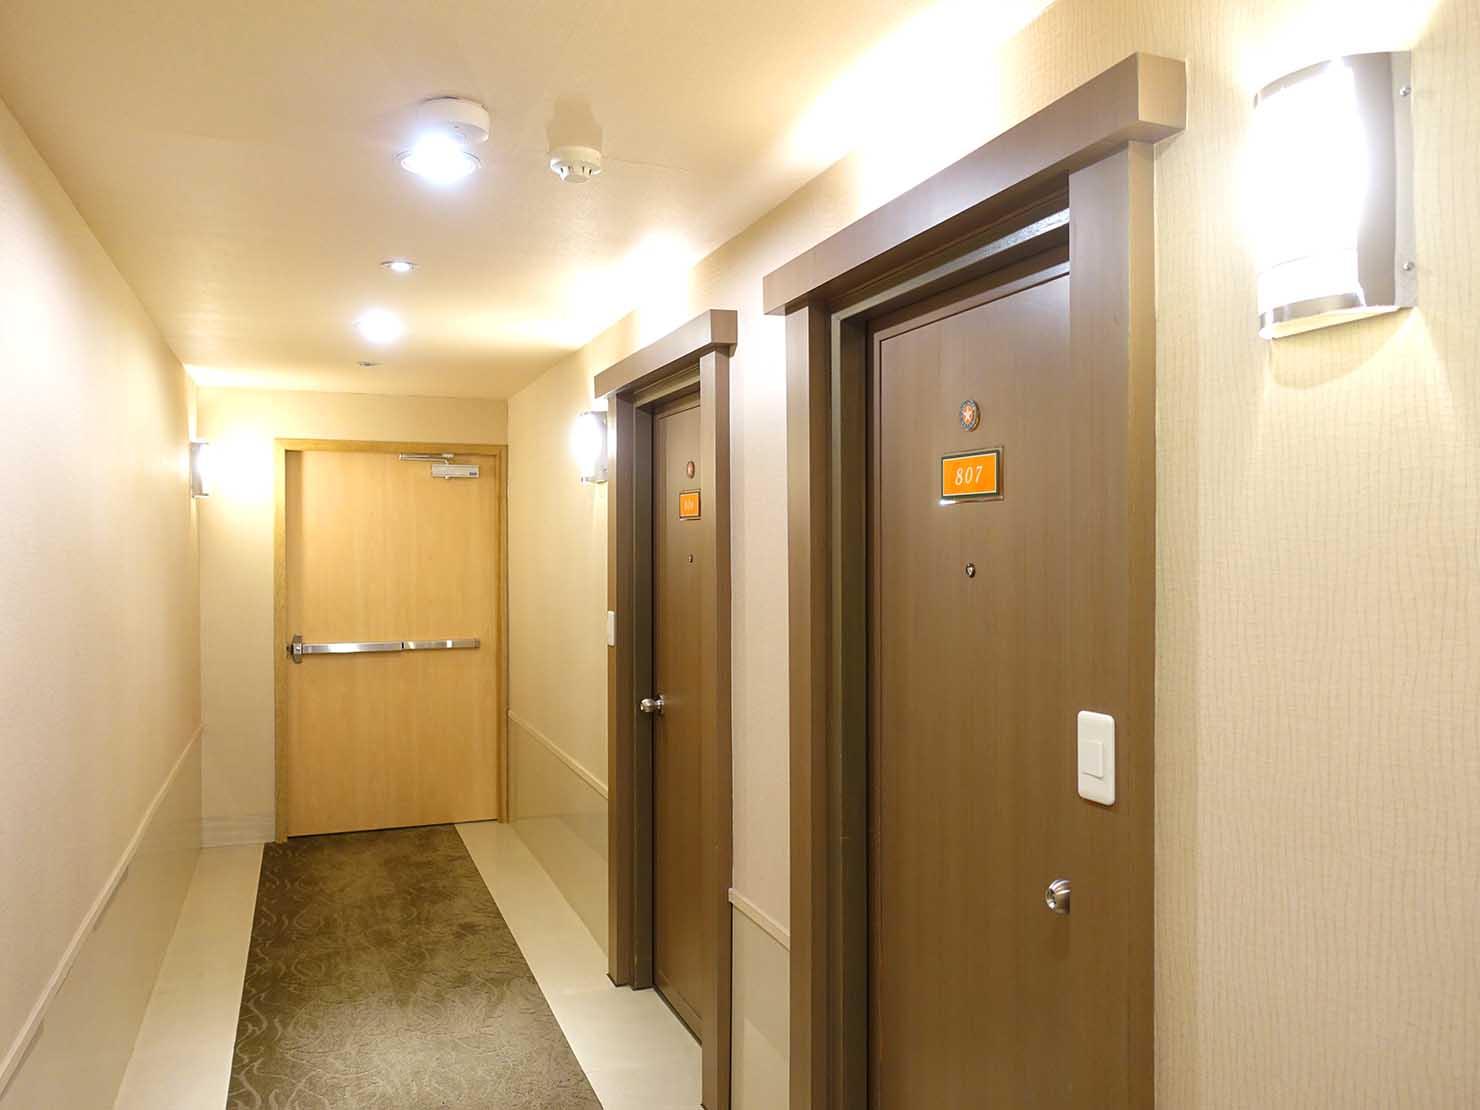 高雄のおすすめチェーンホテル「康橋商旅 Kindness Hotel(漢神館)」のエレベーターホール